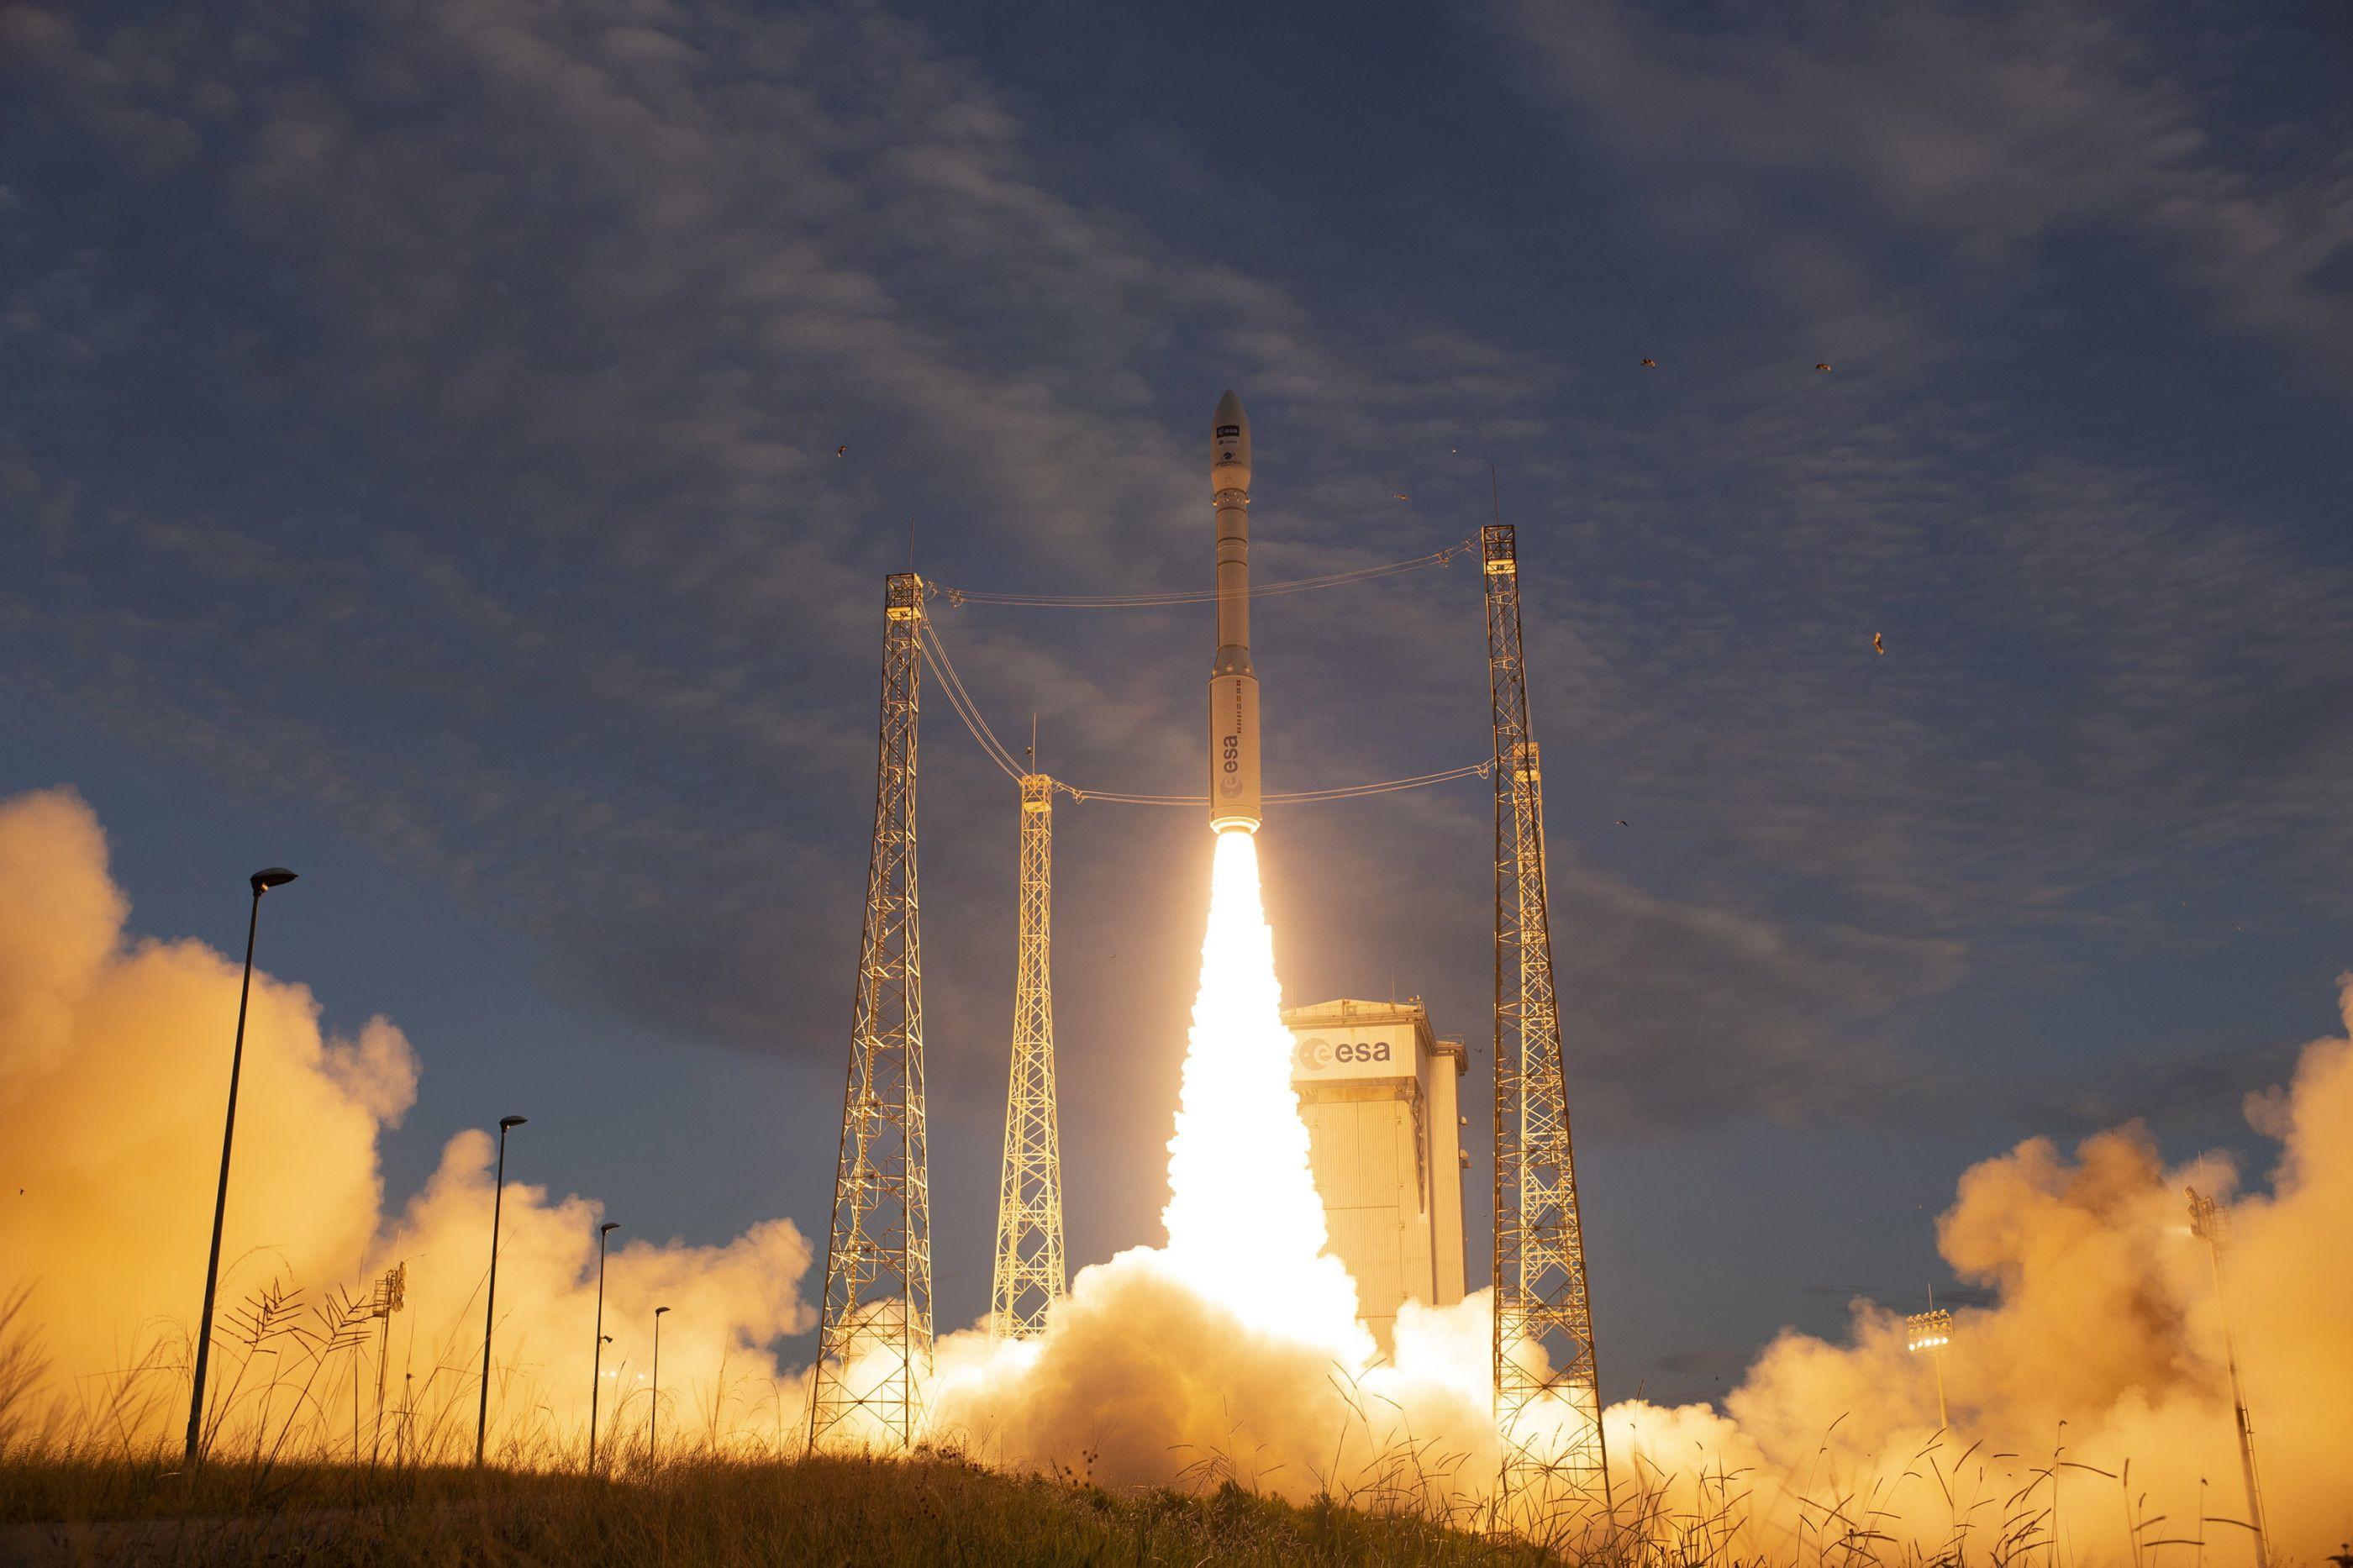 Sonda da Nasa que vai estudar Marte deve aterrissar hoje